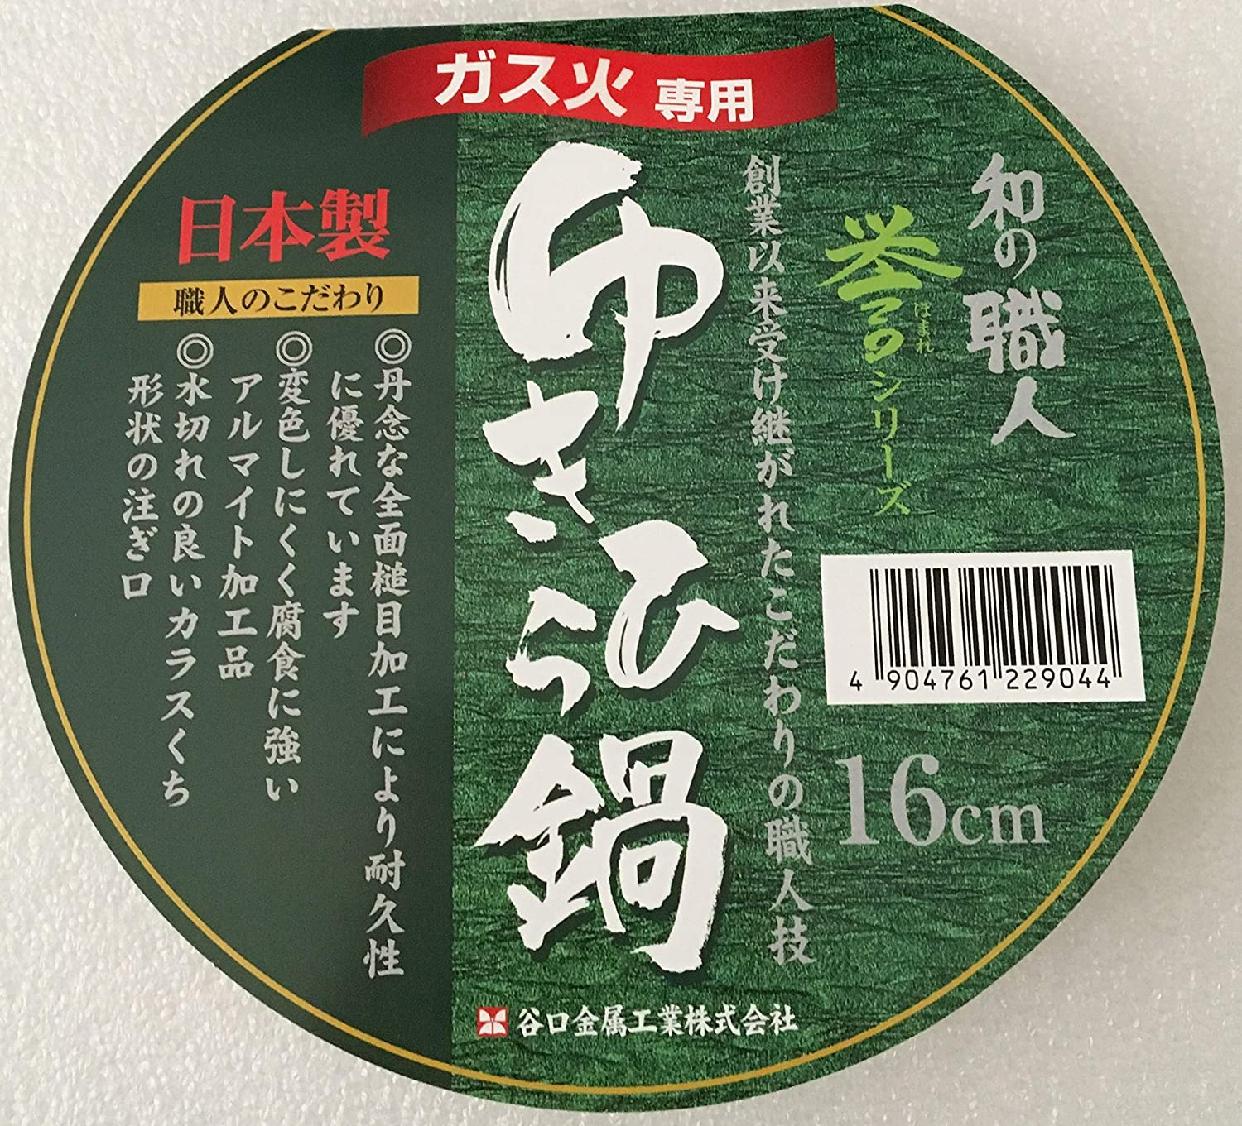 和の職人 谷口金属 日本製 和の職人 誉ゆきひら鍋 シルバー 16cmの商品画像5